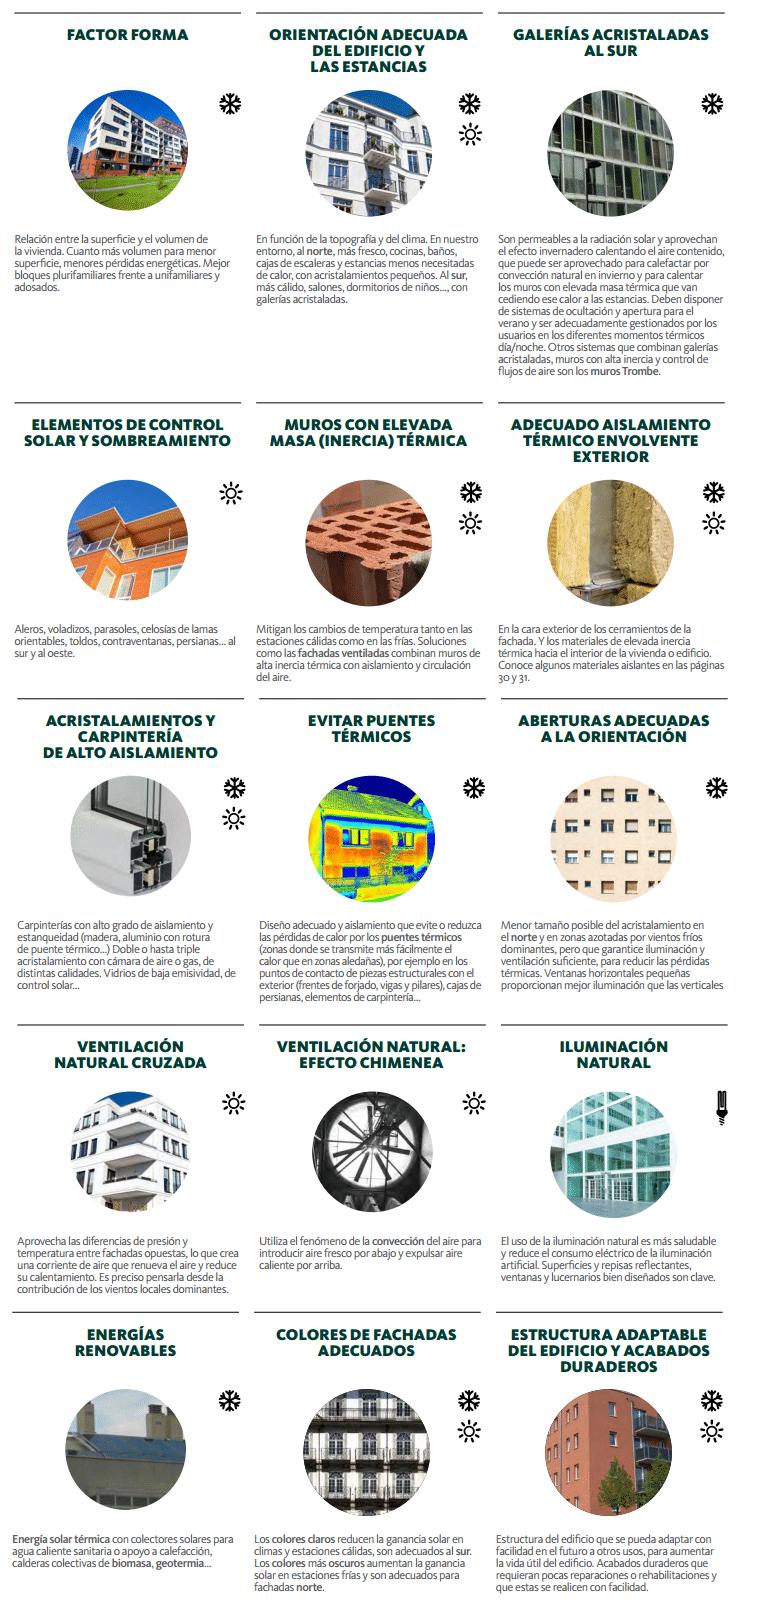 criterios de eficiencia energetica y sostenibilidad